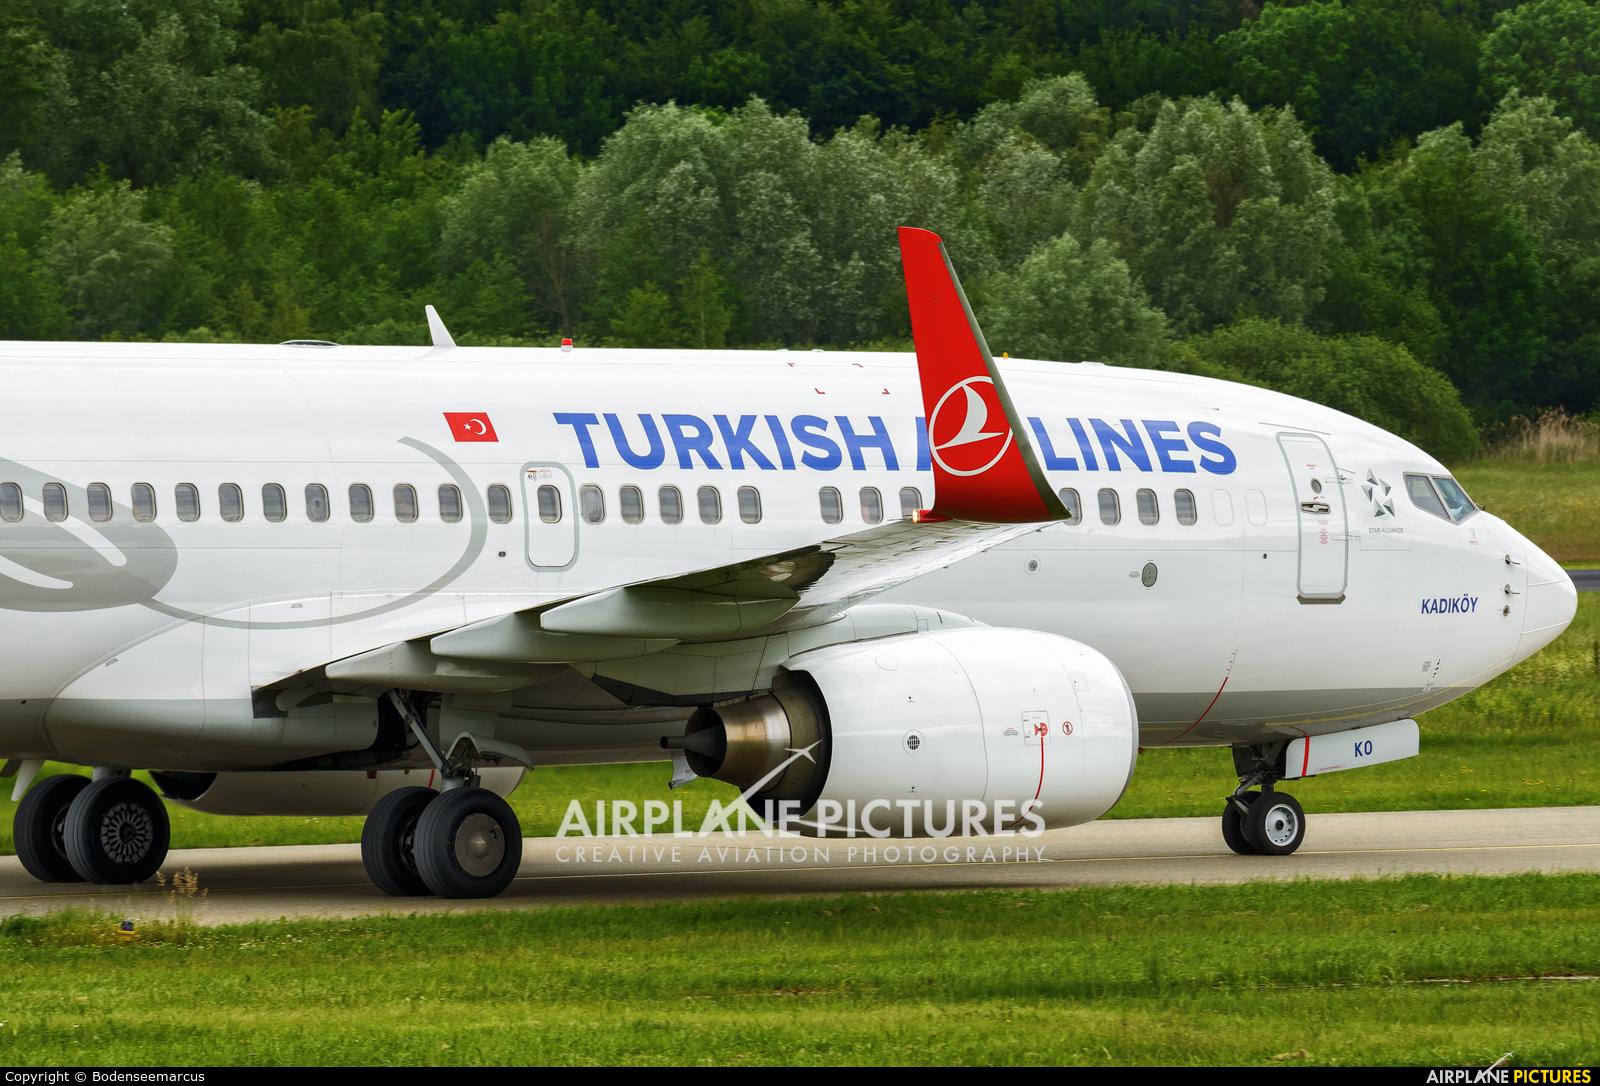 Turkish Airlines TC-JKO aircraft at Friedrichshafen